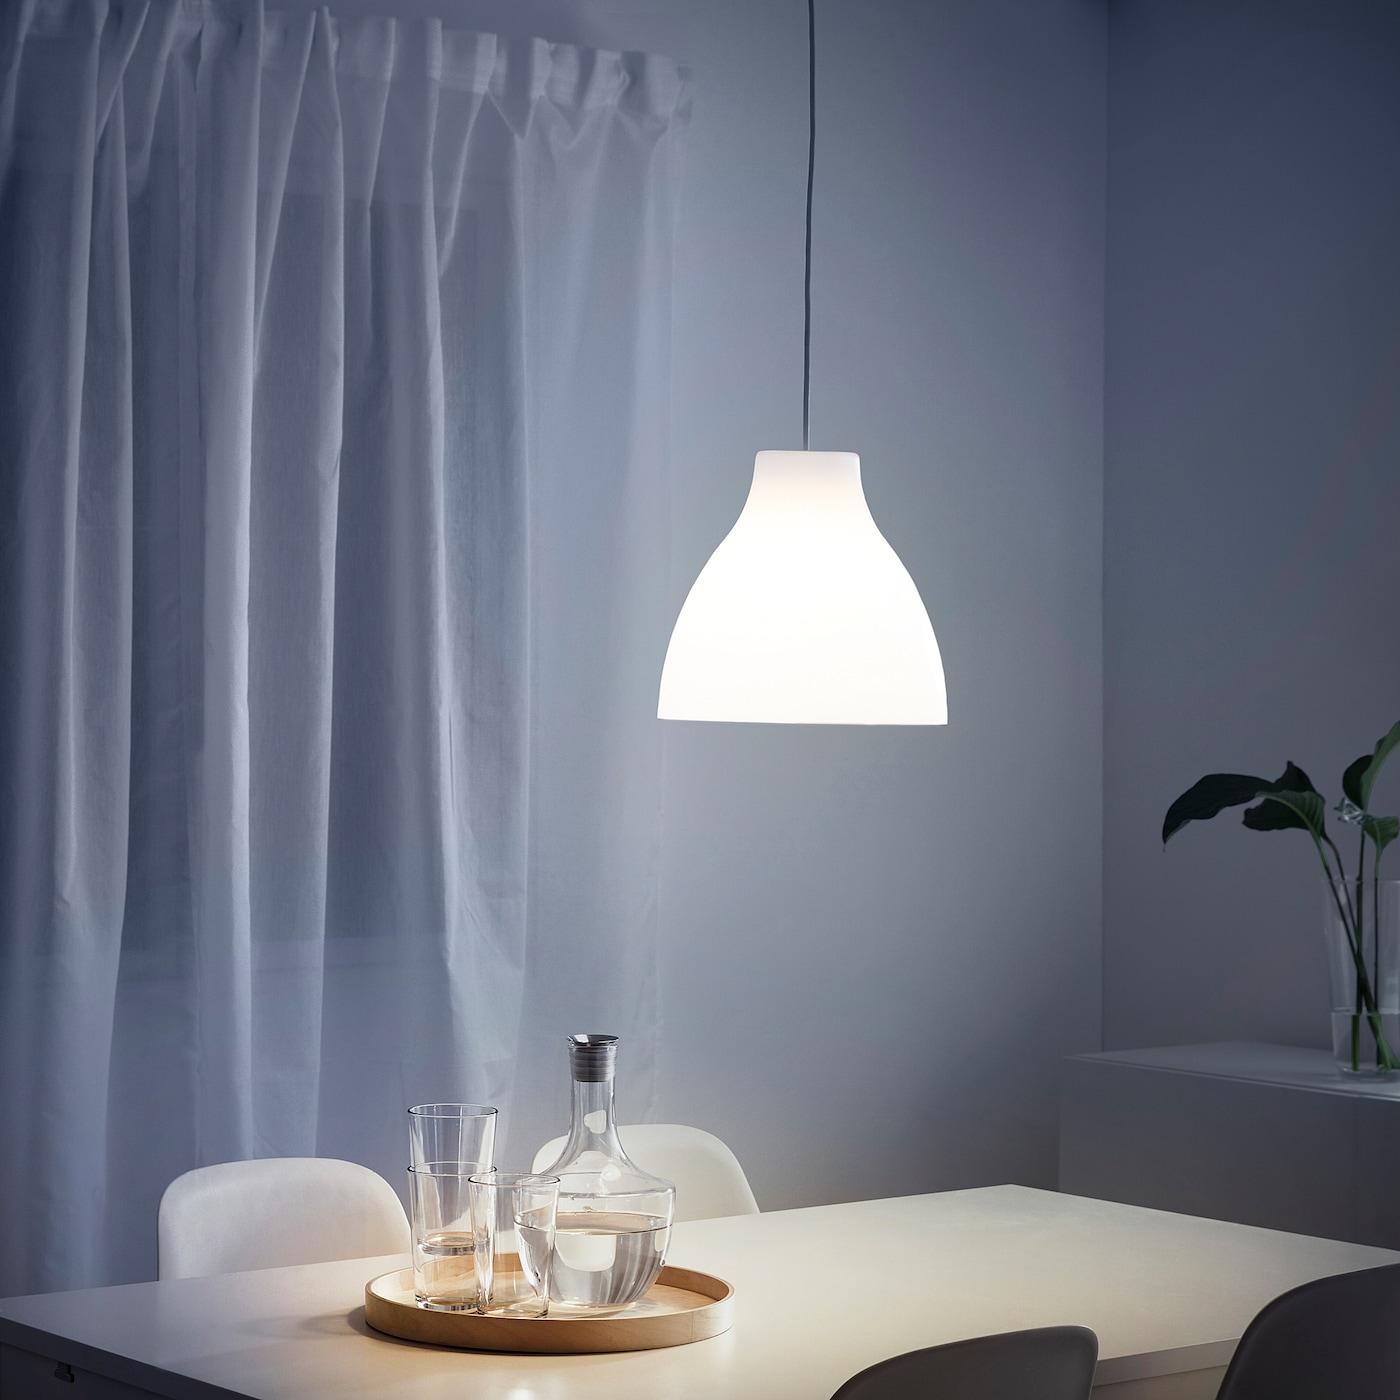 lampara techo melodi blanco